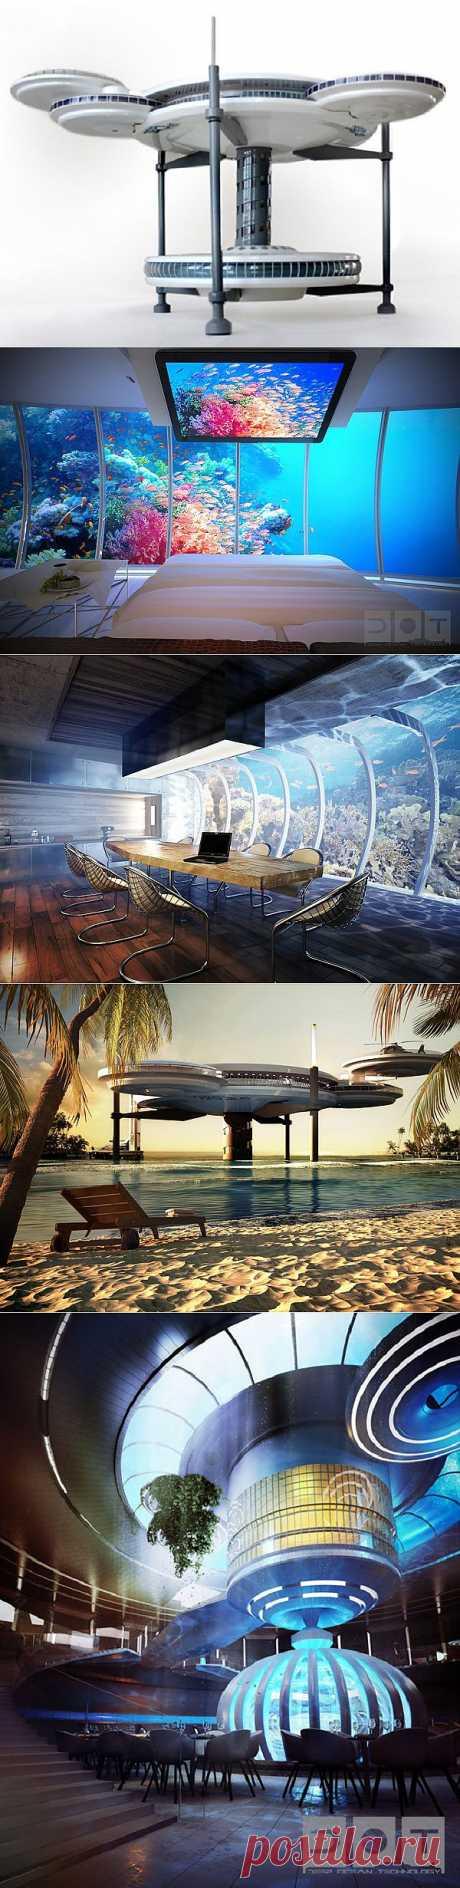 Подводный отель в Дубае. - Мир отделки и ремонта